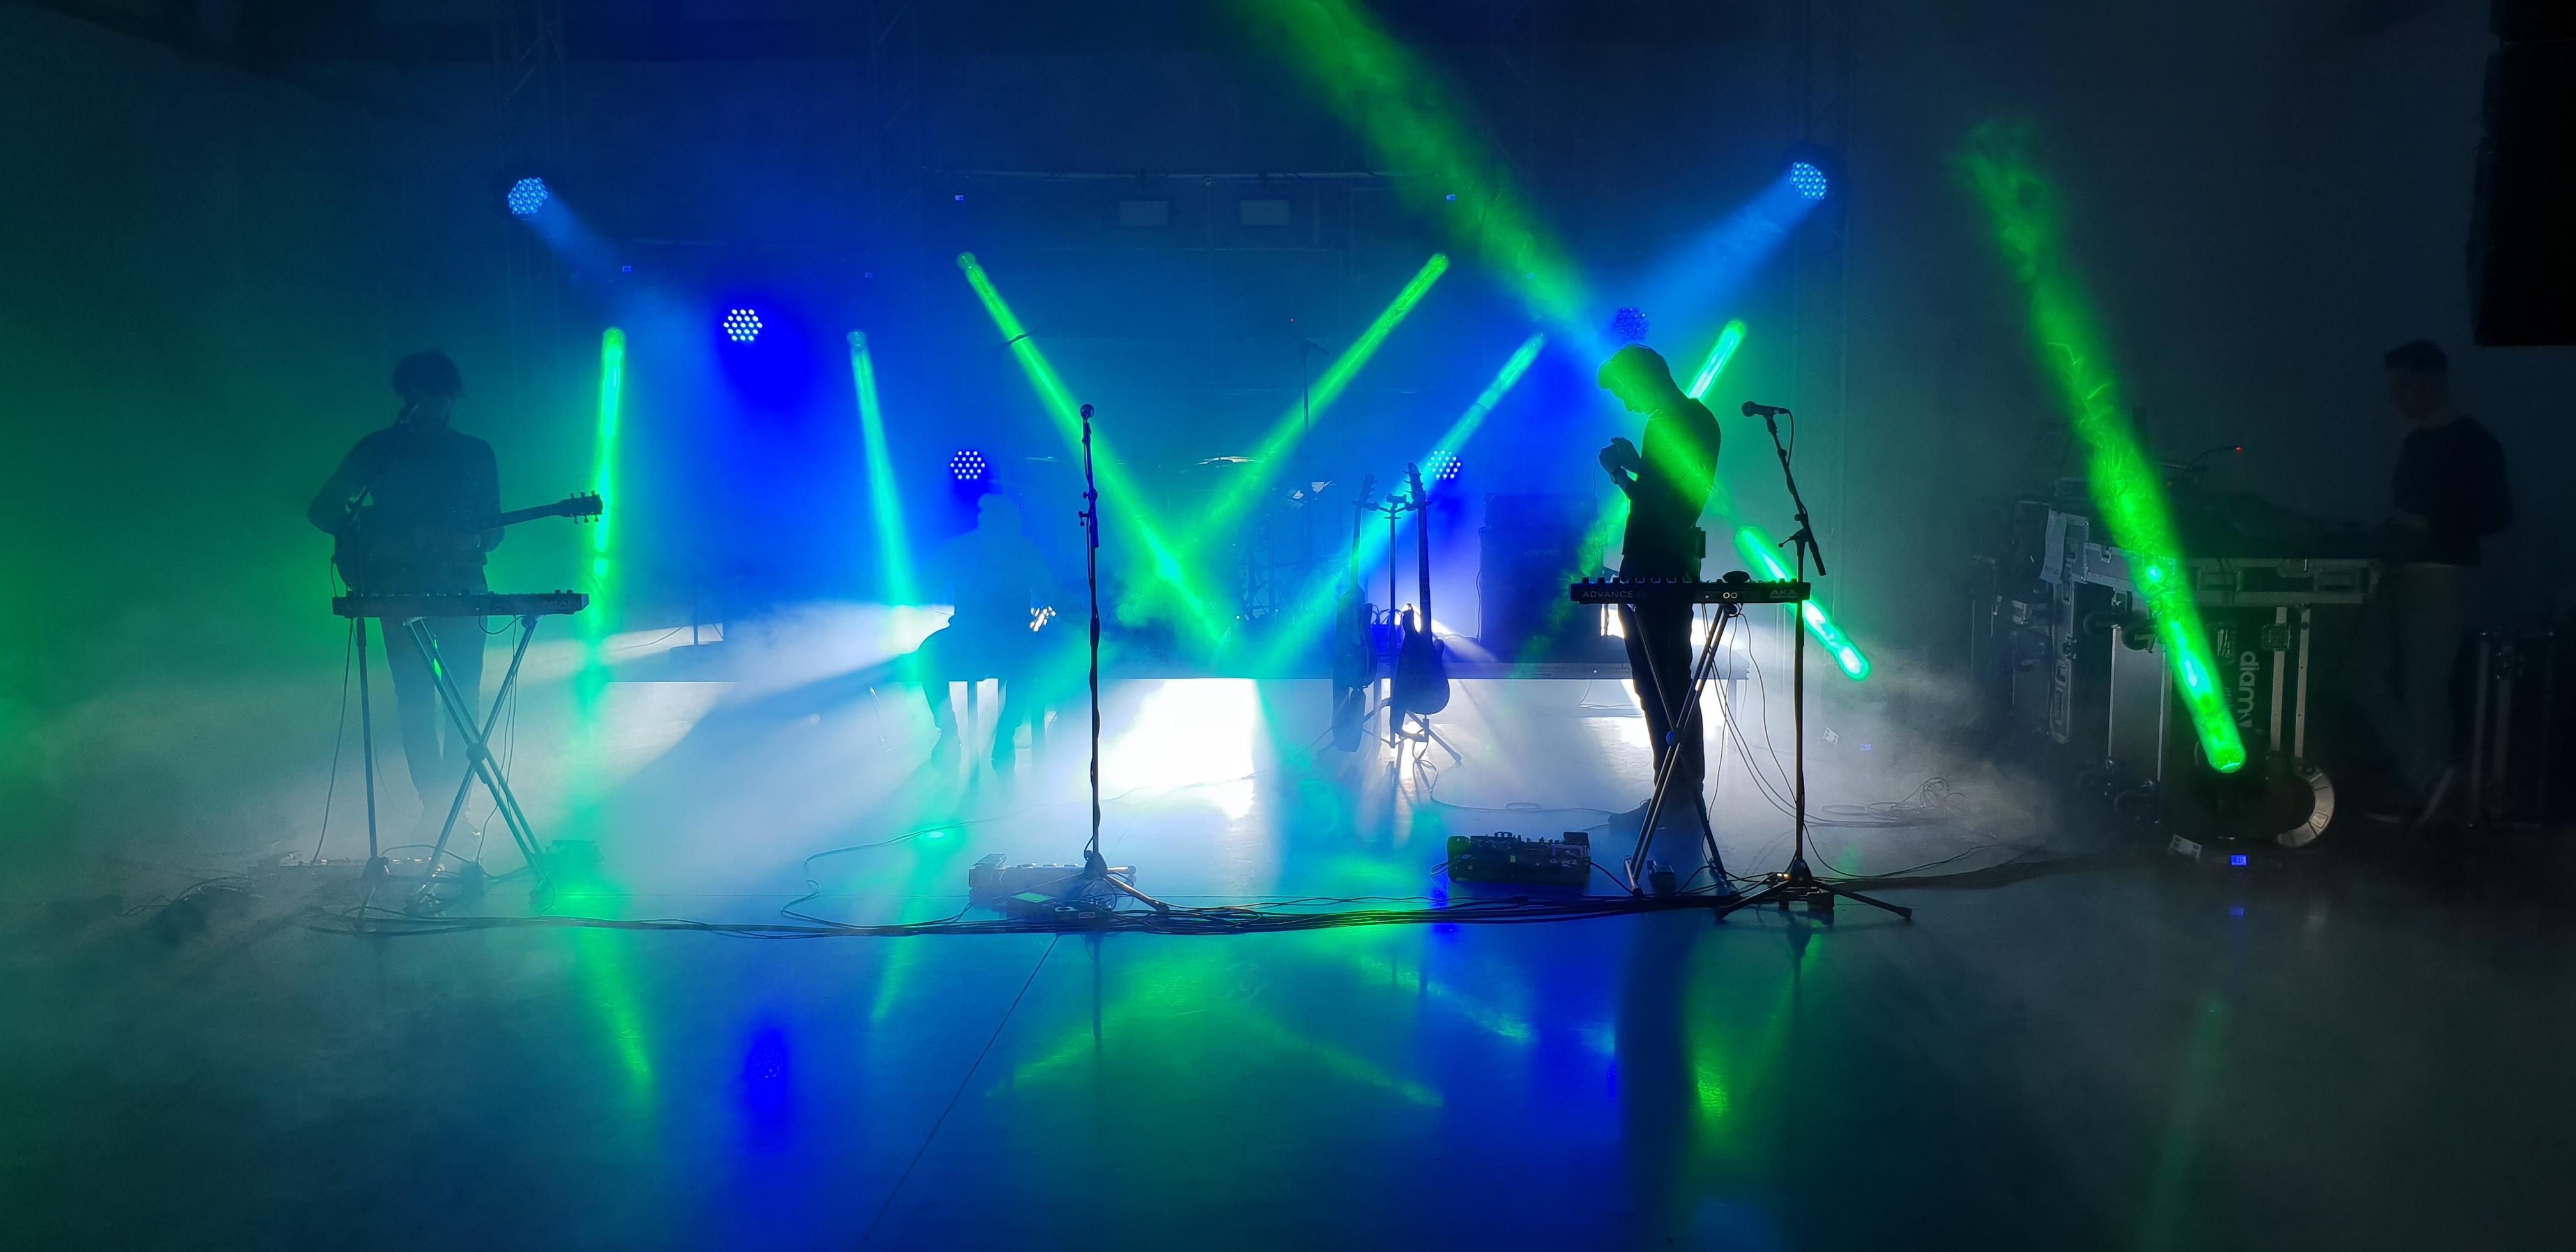 Band_på_scenen_green_light